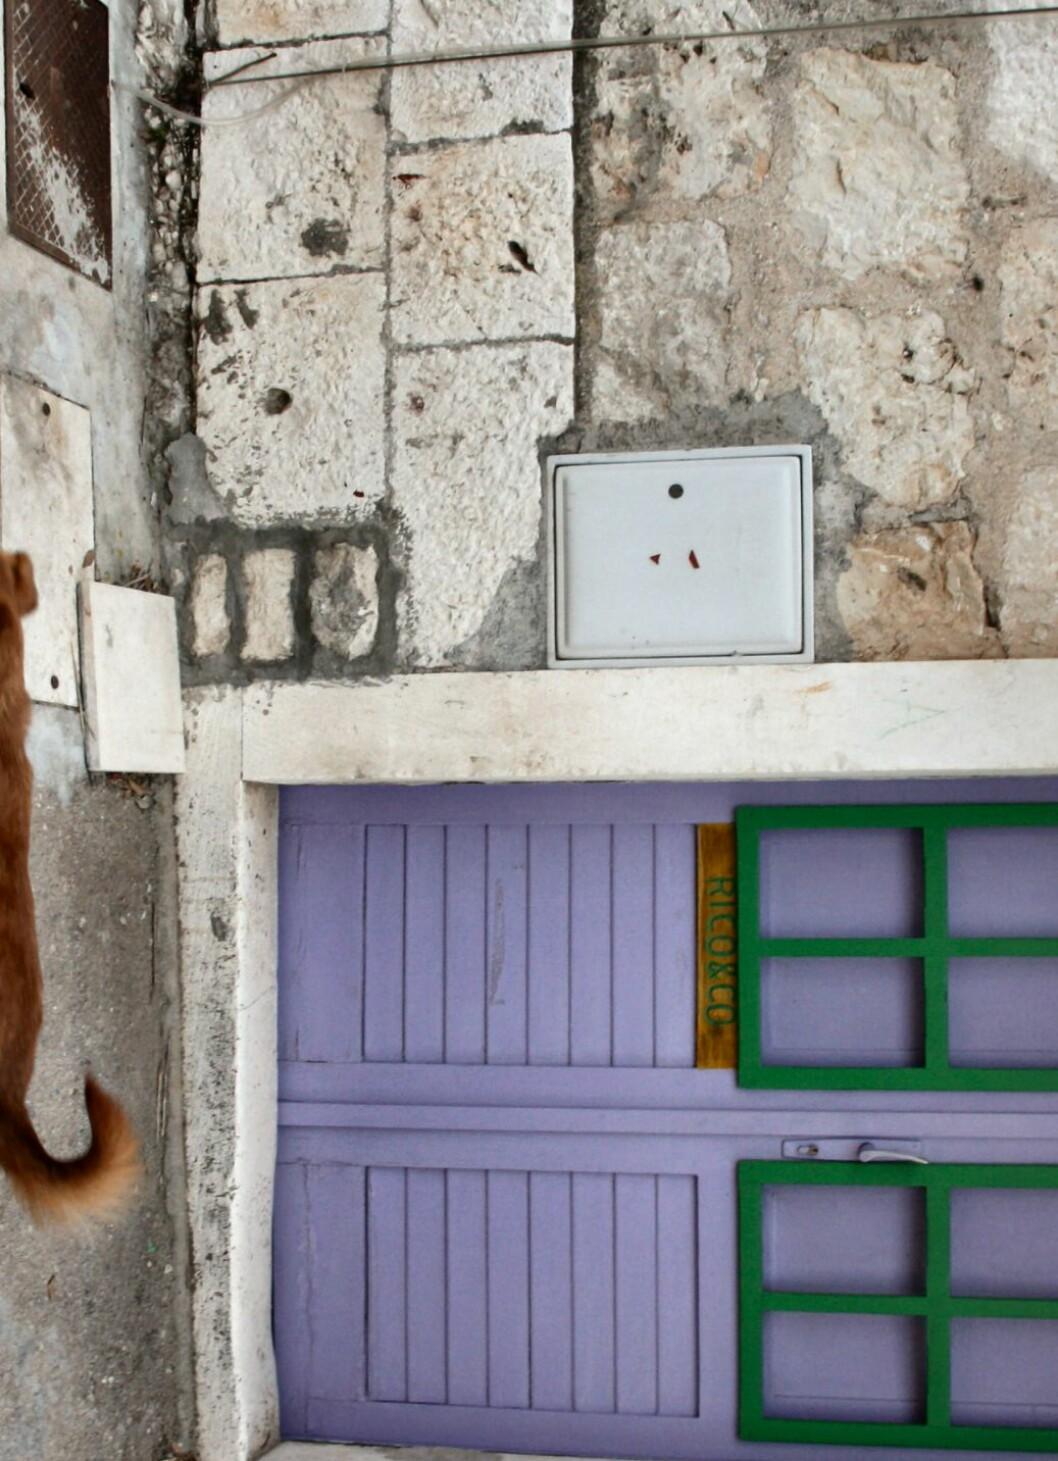 Koselige hus med fargerike dører preger Hvar by. Det er lett å drømme at man eier en liten leilighet her, og kan bo her hele sommeren. Foto: Stine Okkelmo